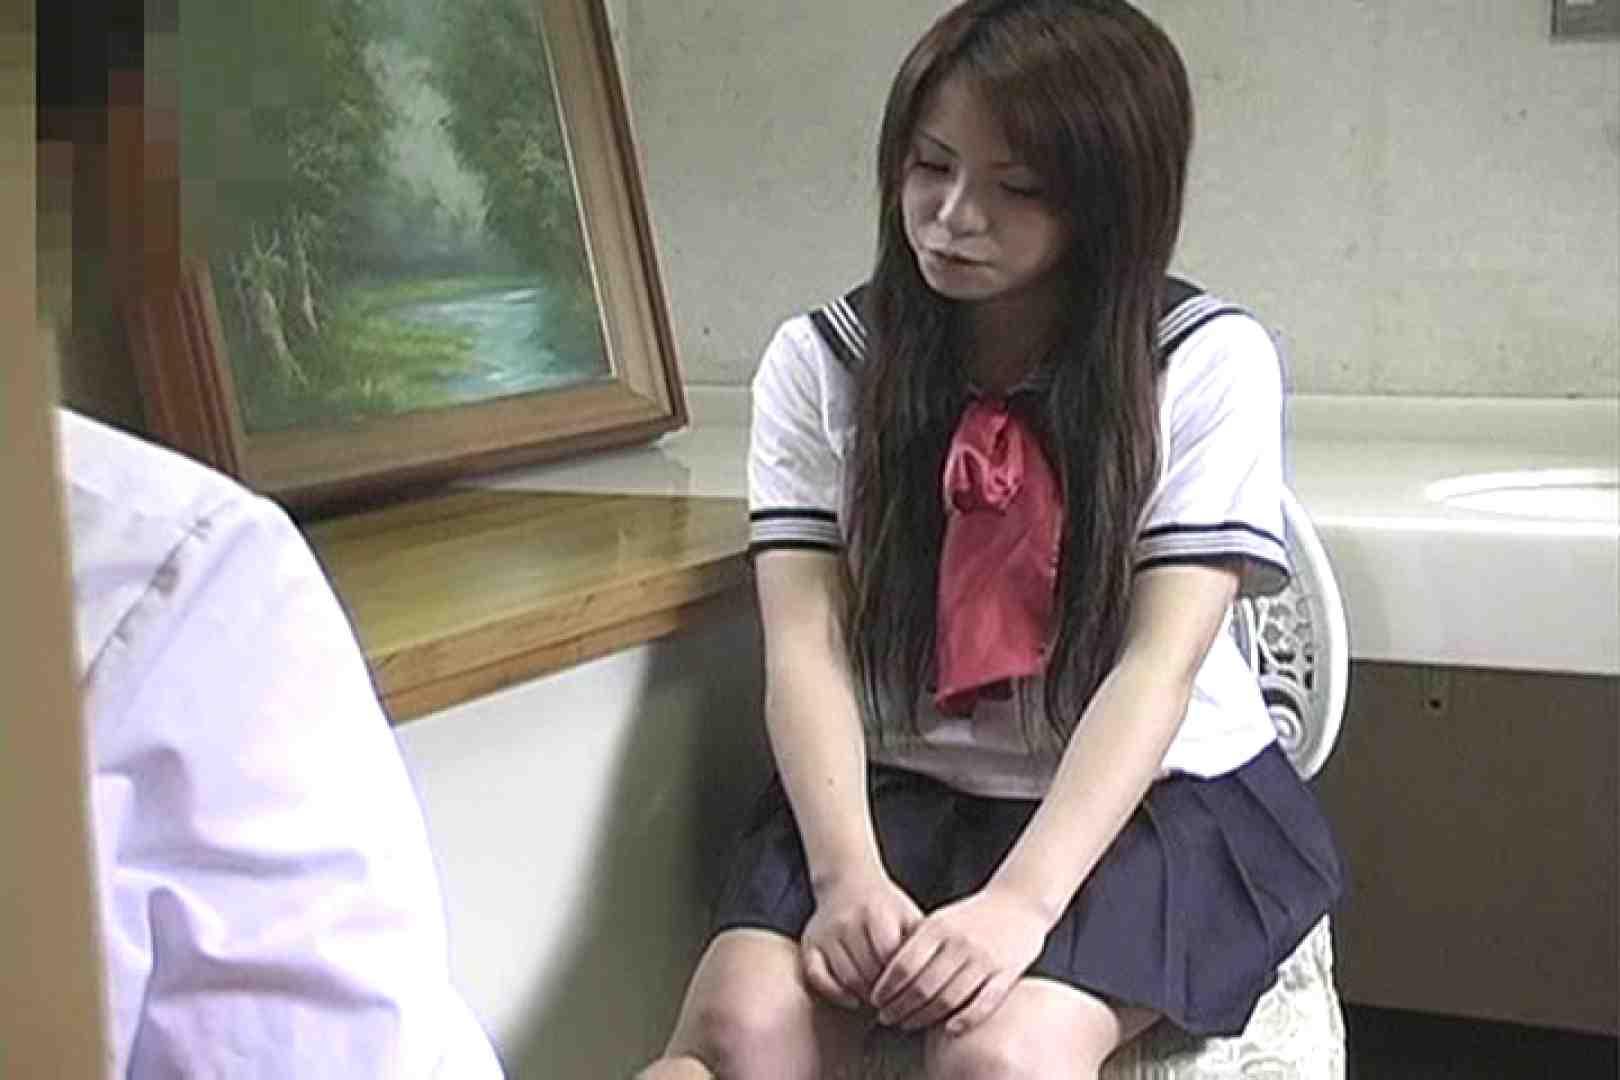 放課後居残り内科検診Vol.6 セックス 盗み撮り動画キャプチャ 68pic 55